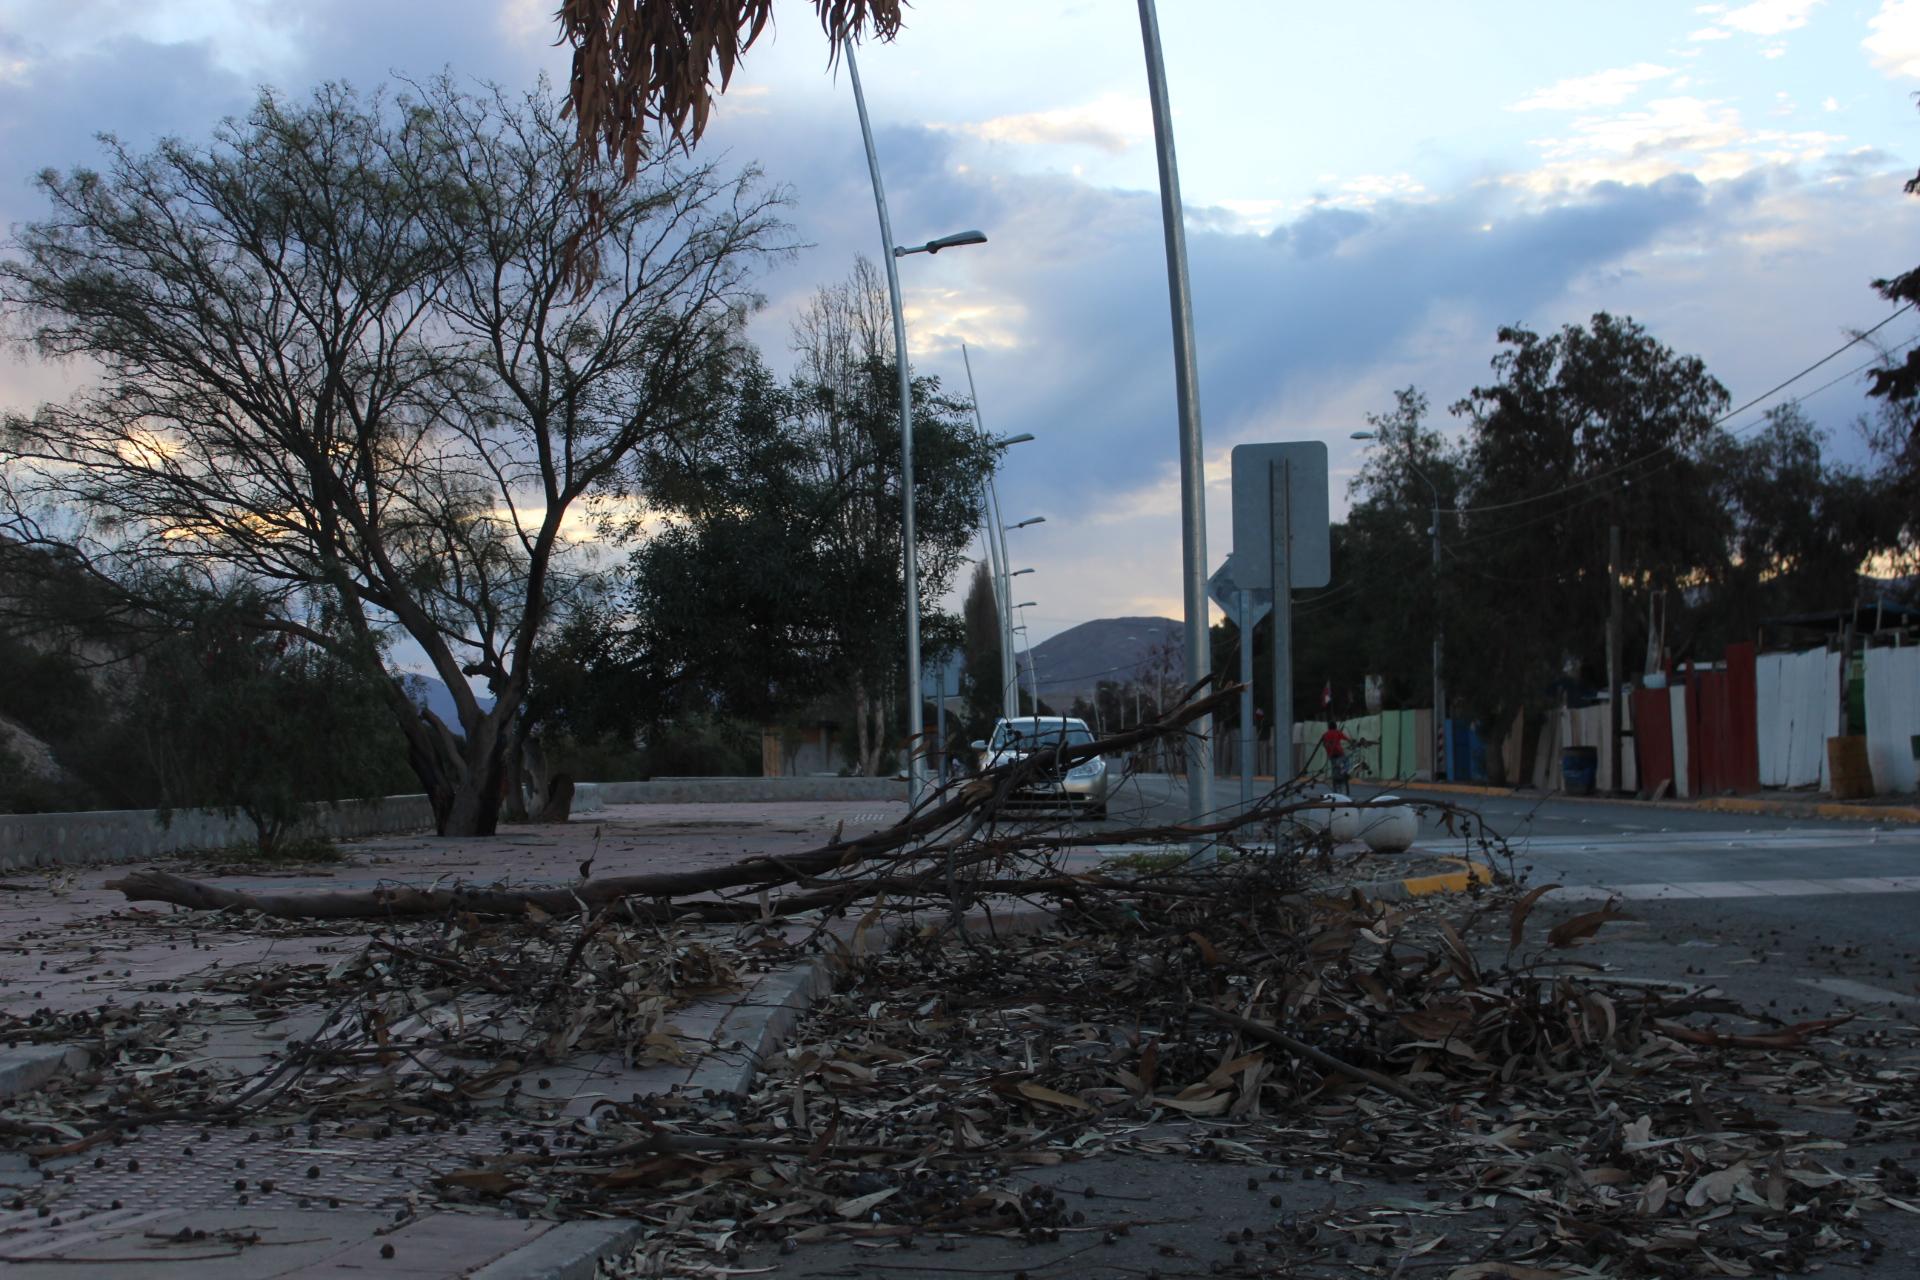 Más de 20 casas con problemas de techumbre, árboles caídos y cortes de luz dejan ráfagas de viento en Vallenar